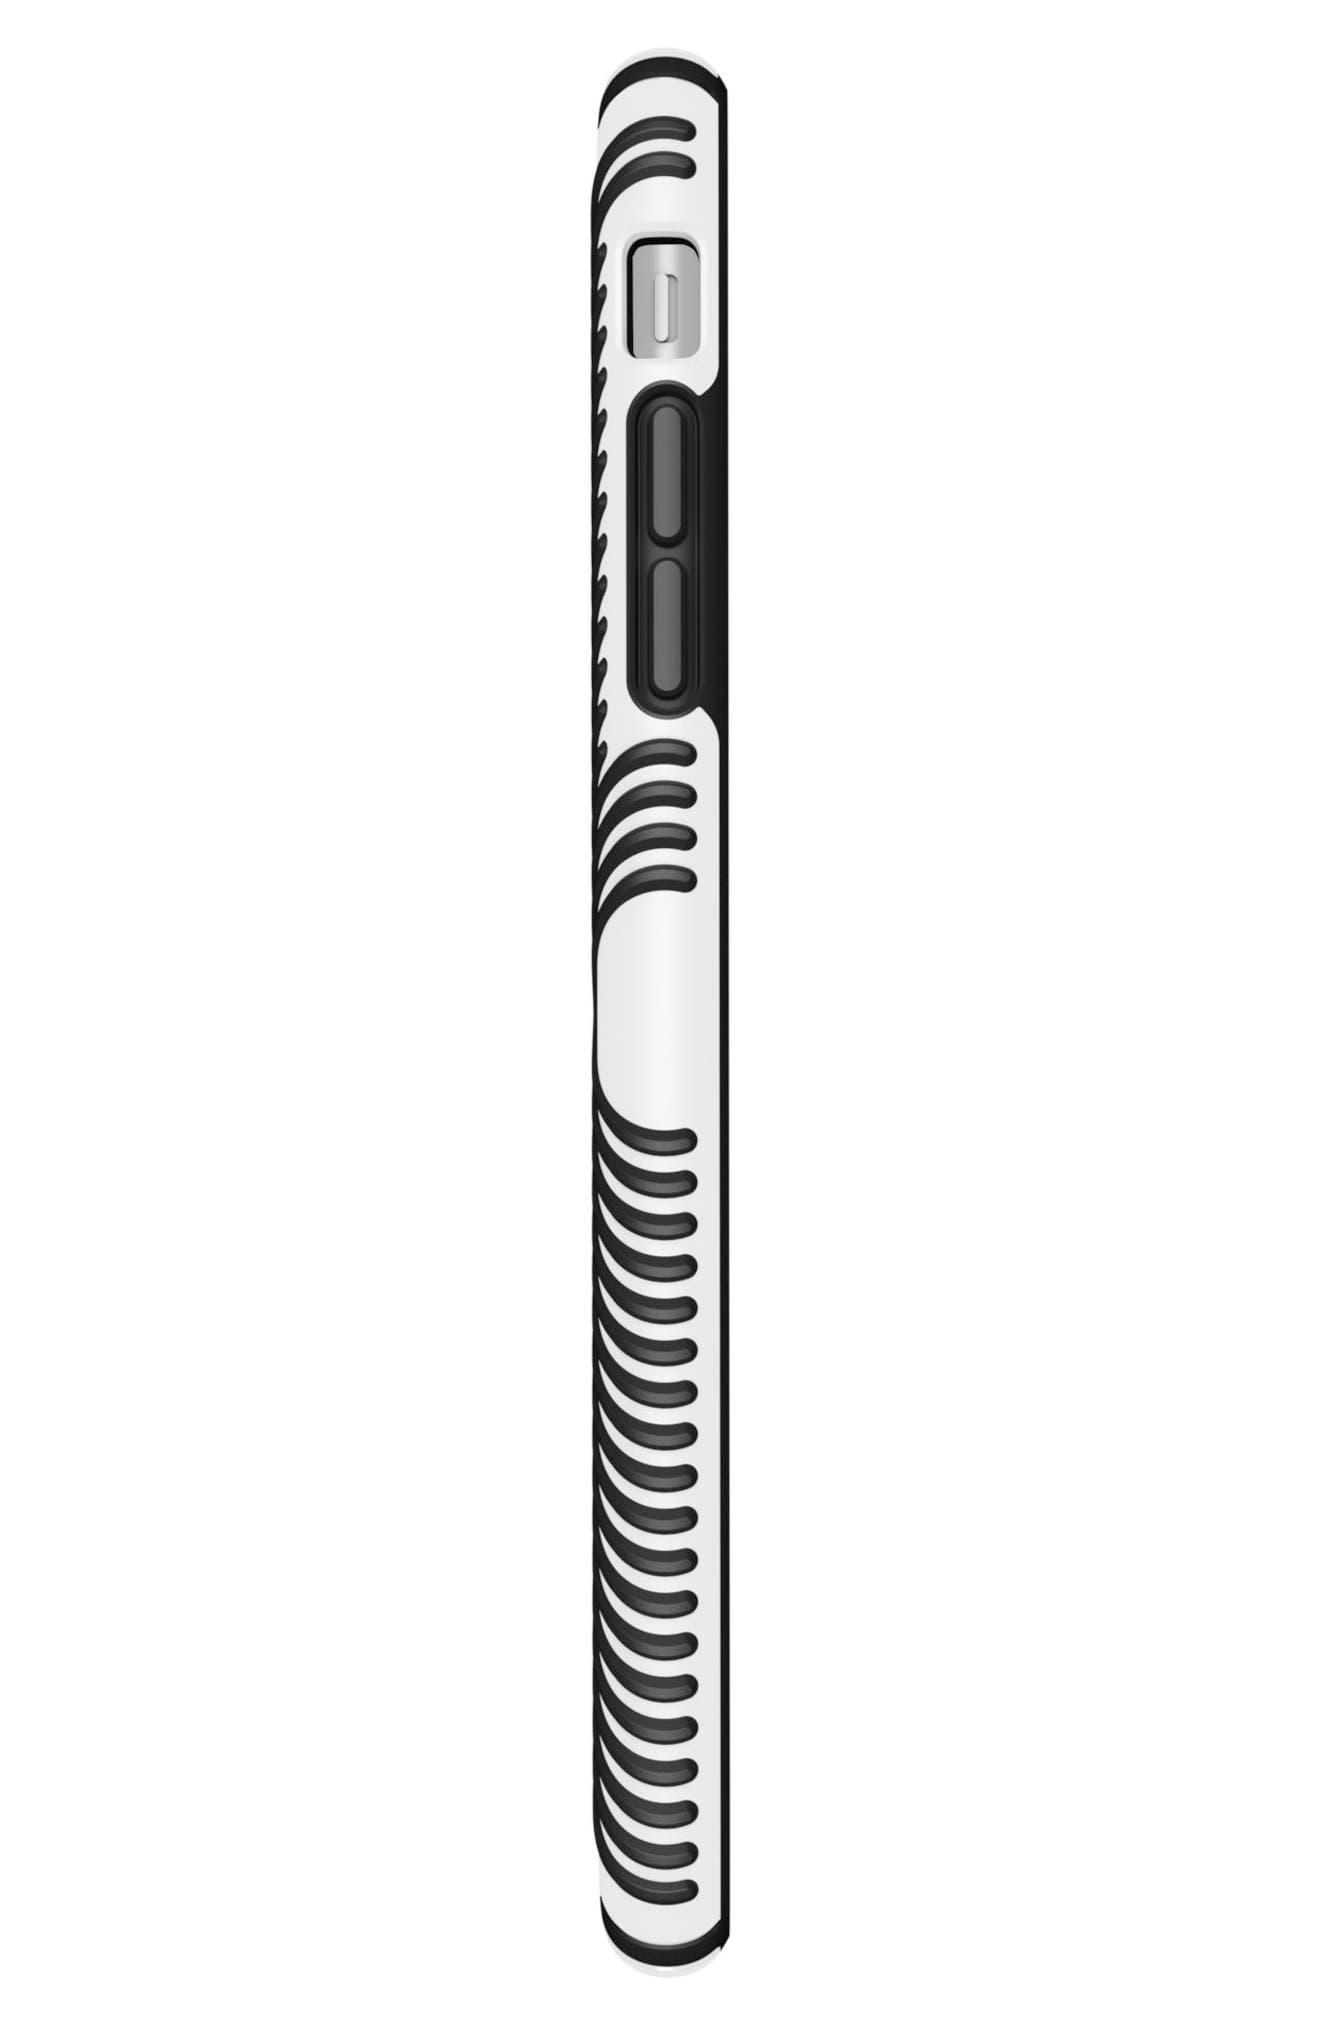 Grip iPhone 6/6s/7/8 Plus Case,                             Alternate thumbnail 2, color,